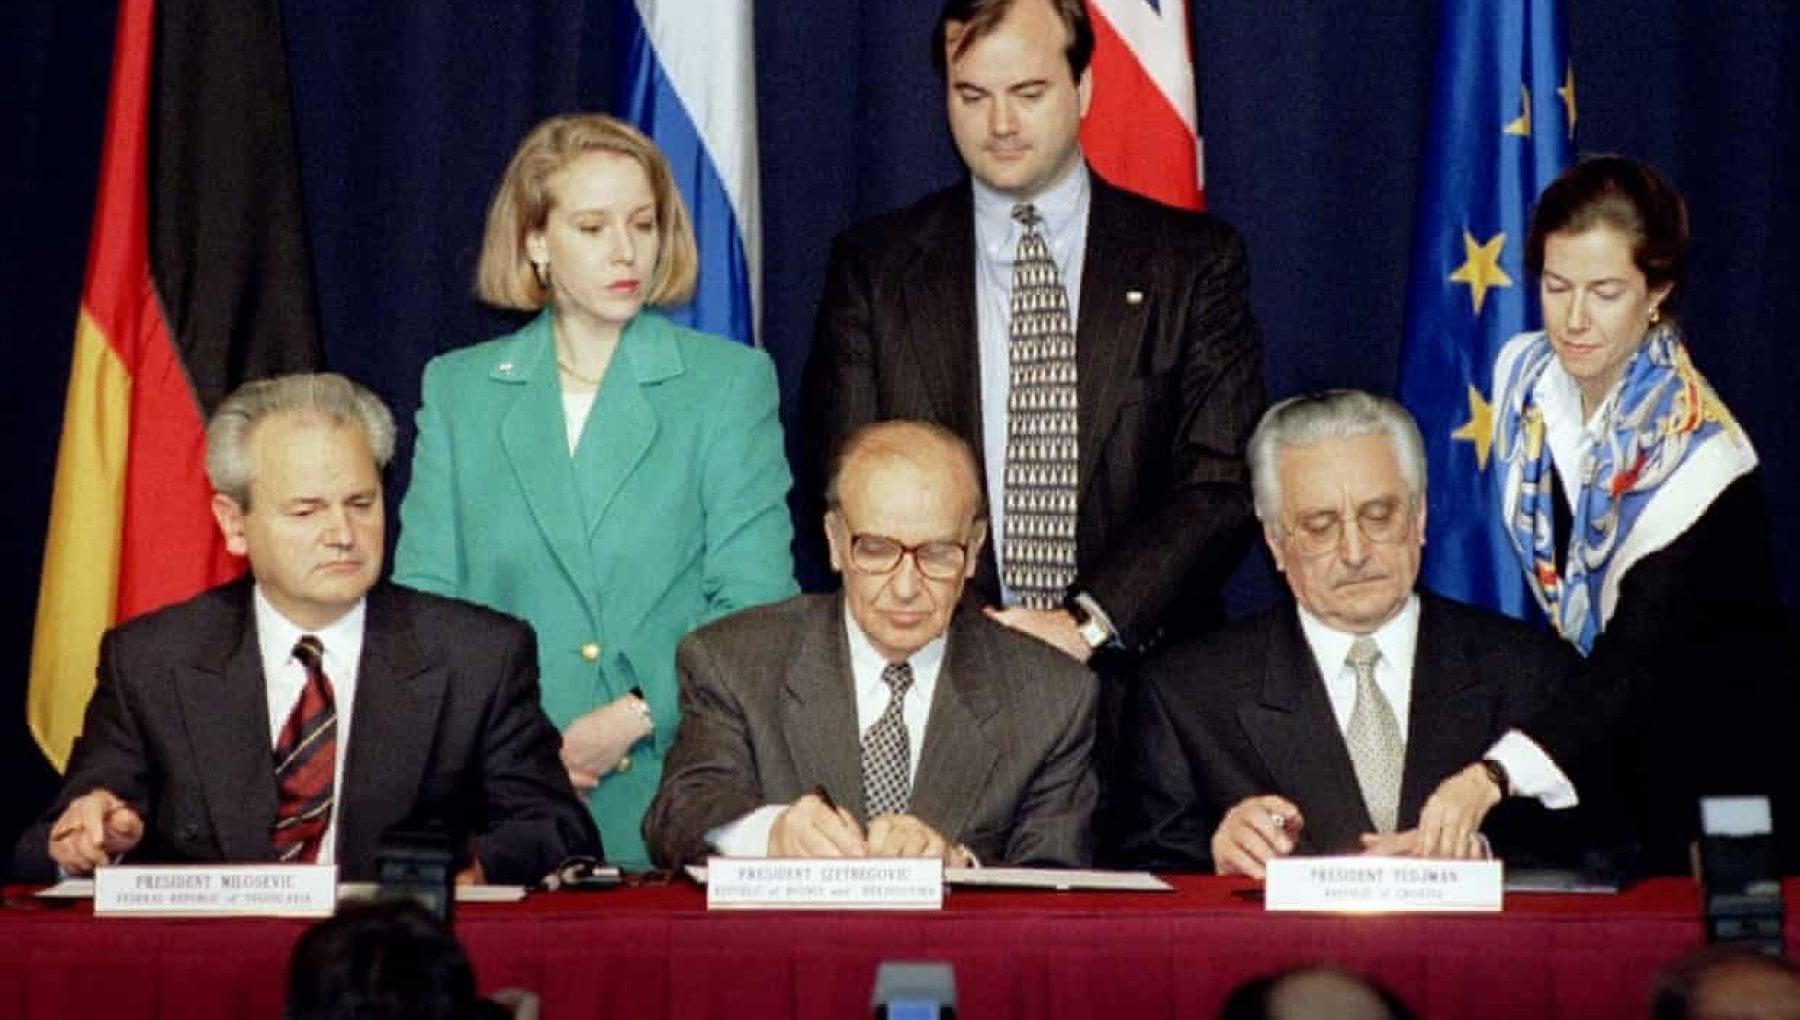 Dayton 25 anni dellaccordo di pace che cristallizzo la guerra nella ex Jugoslavia